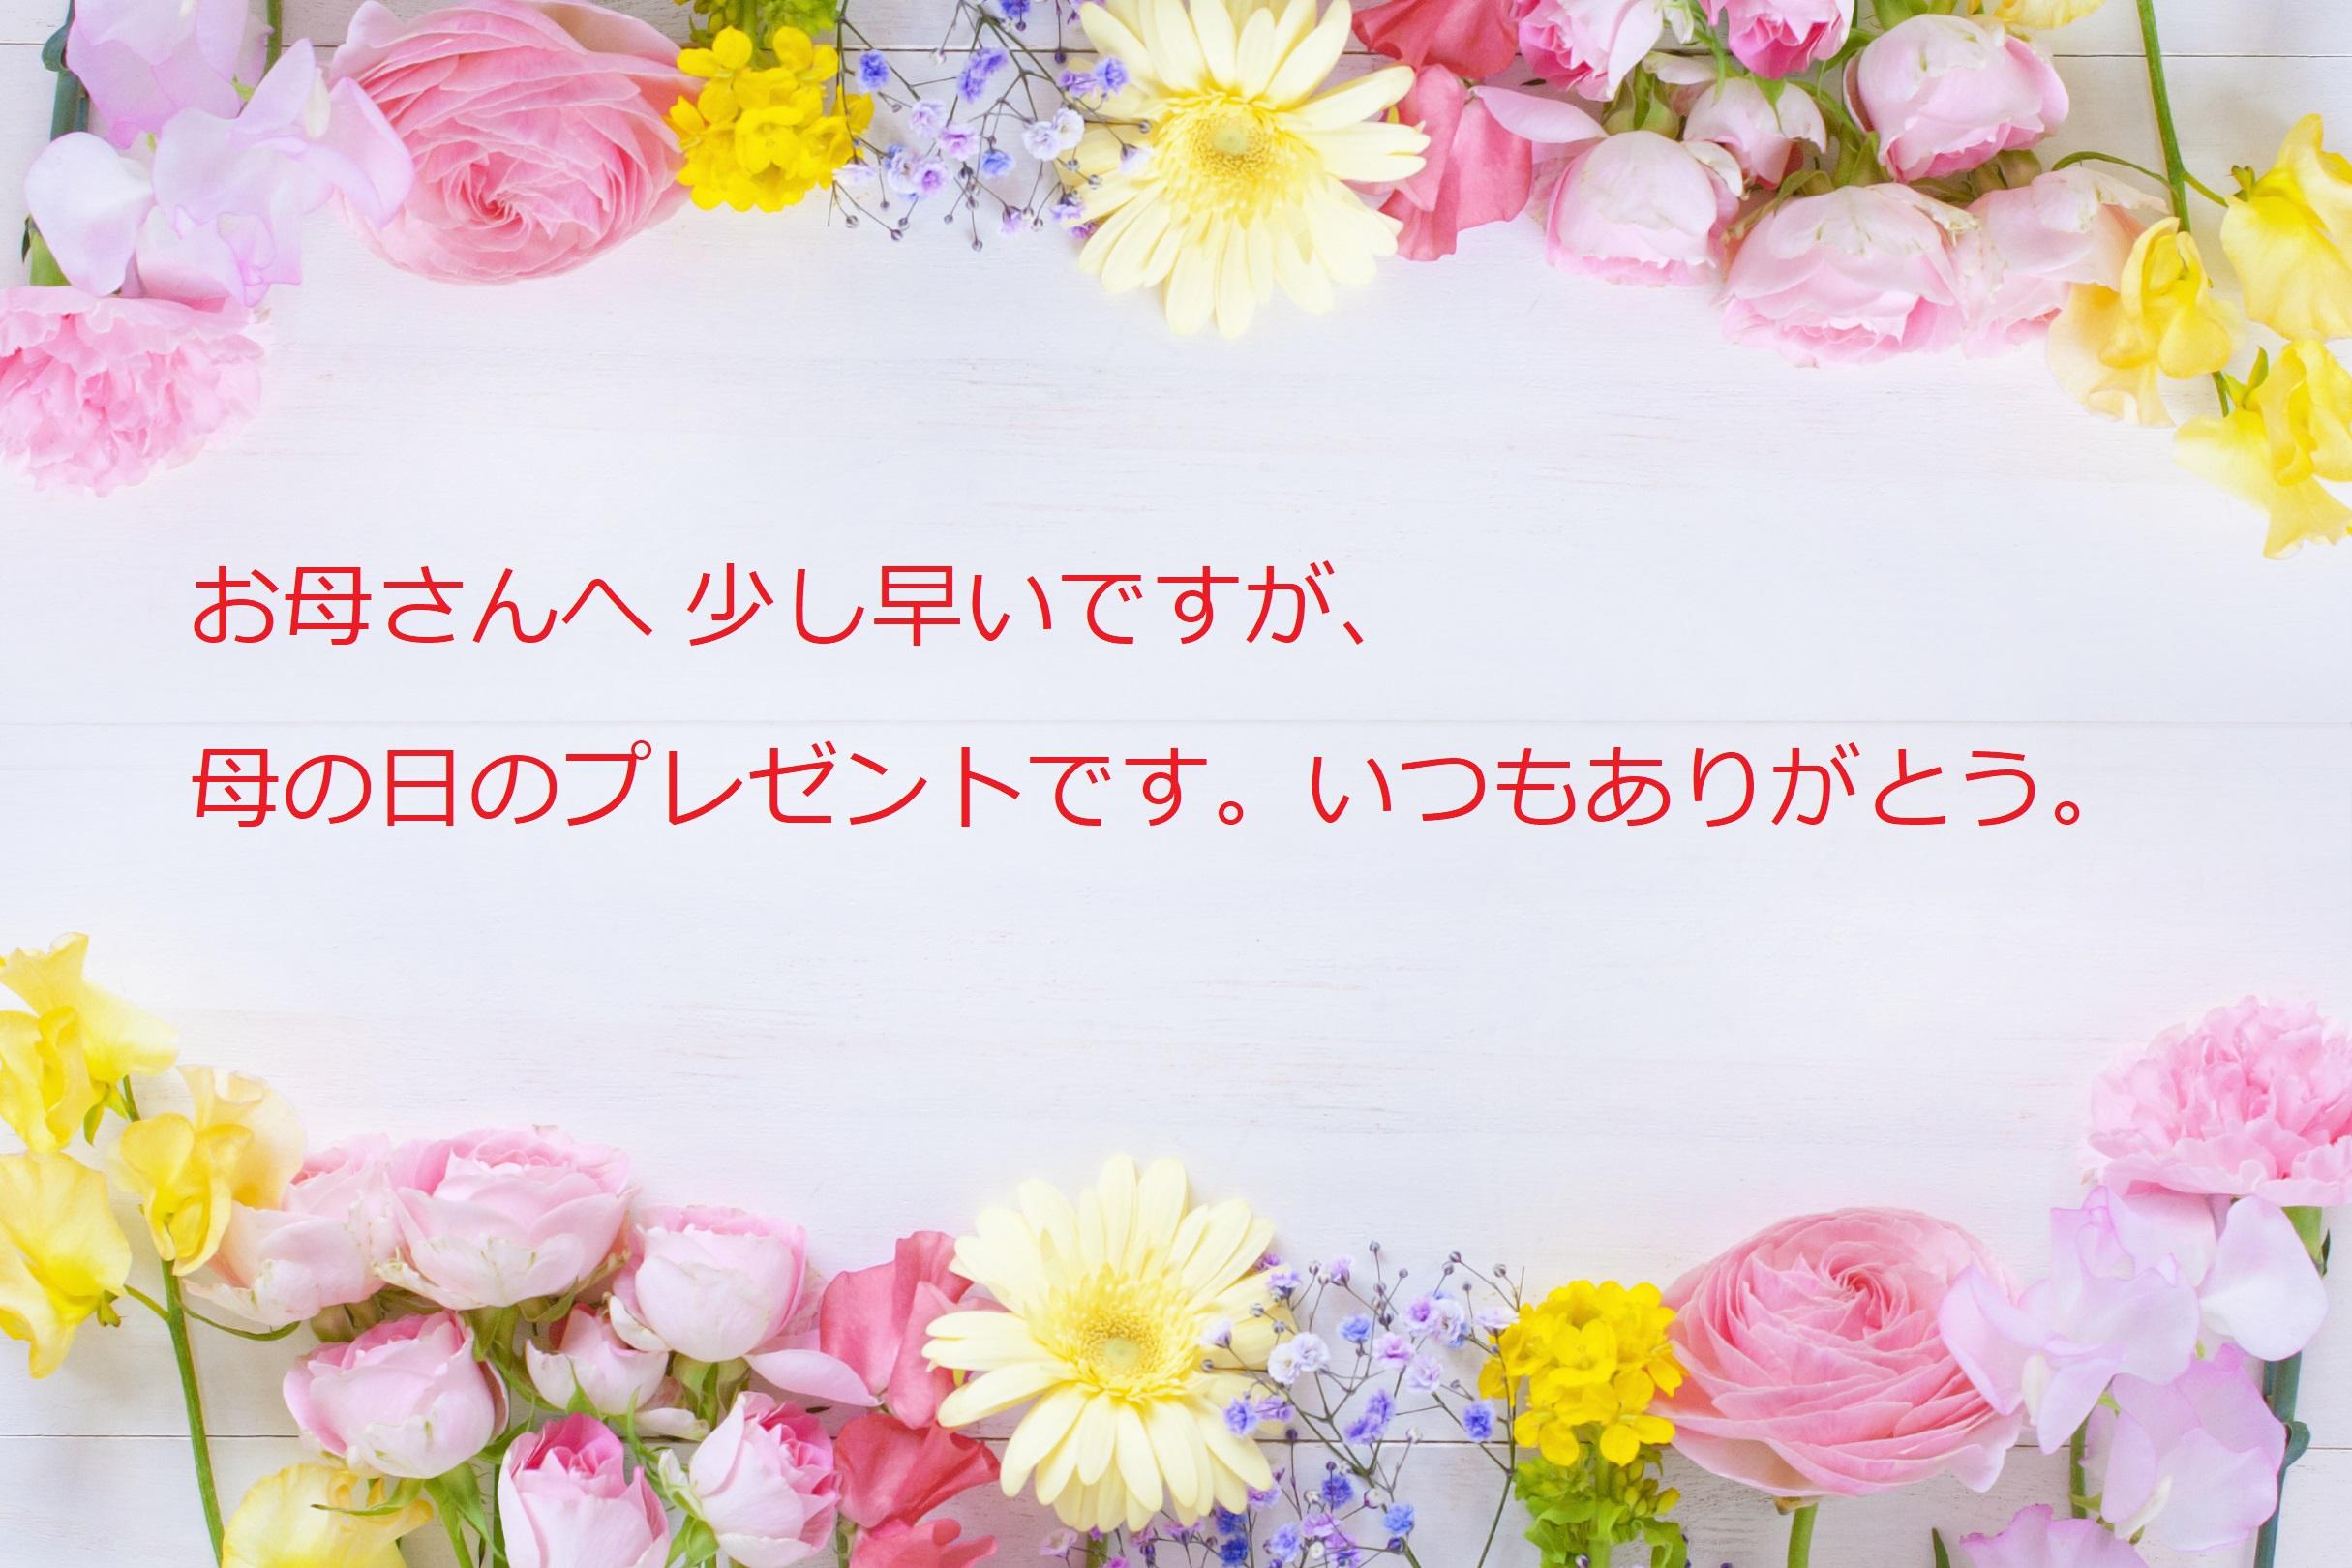 母の日に感謝のメッセージ